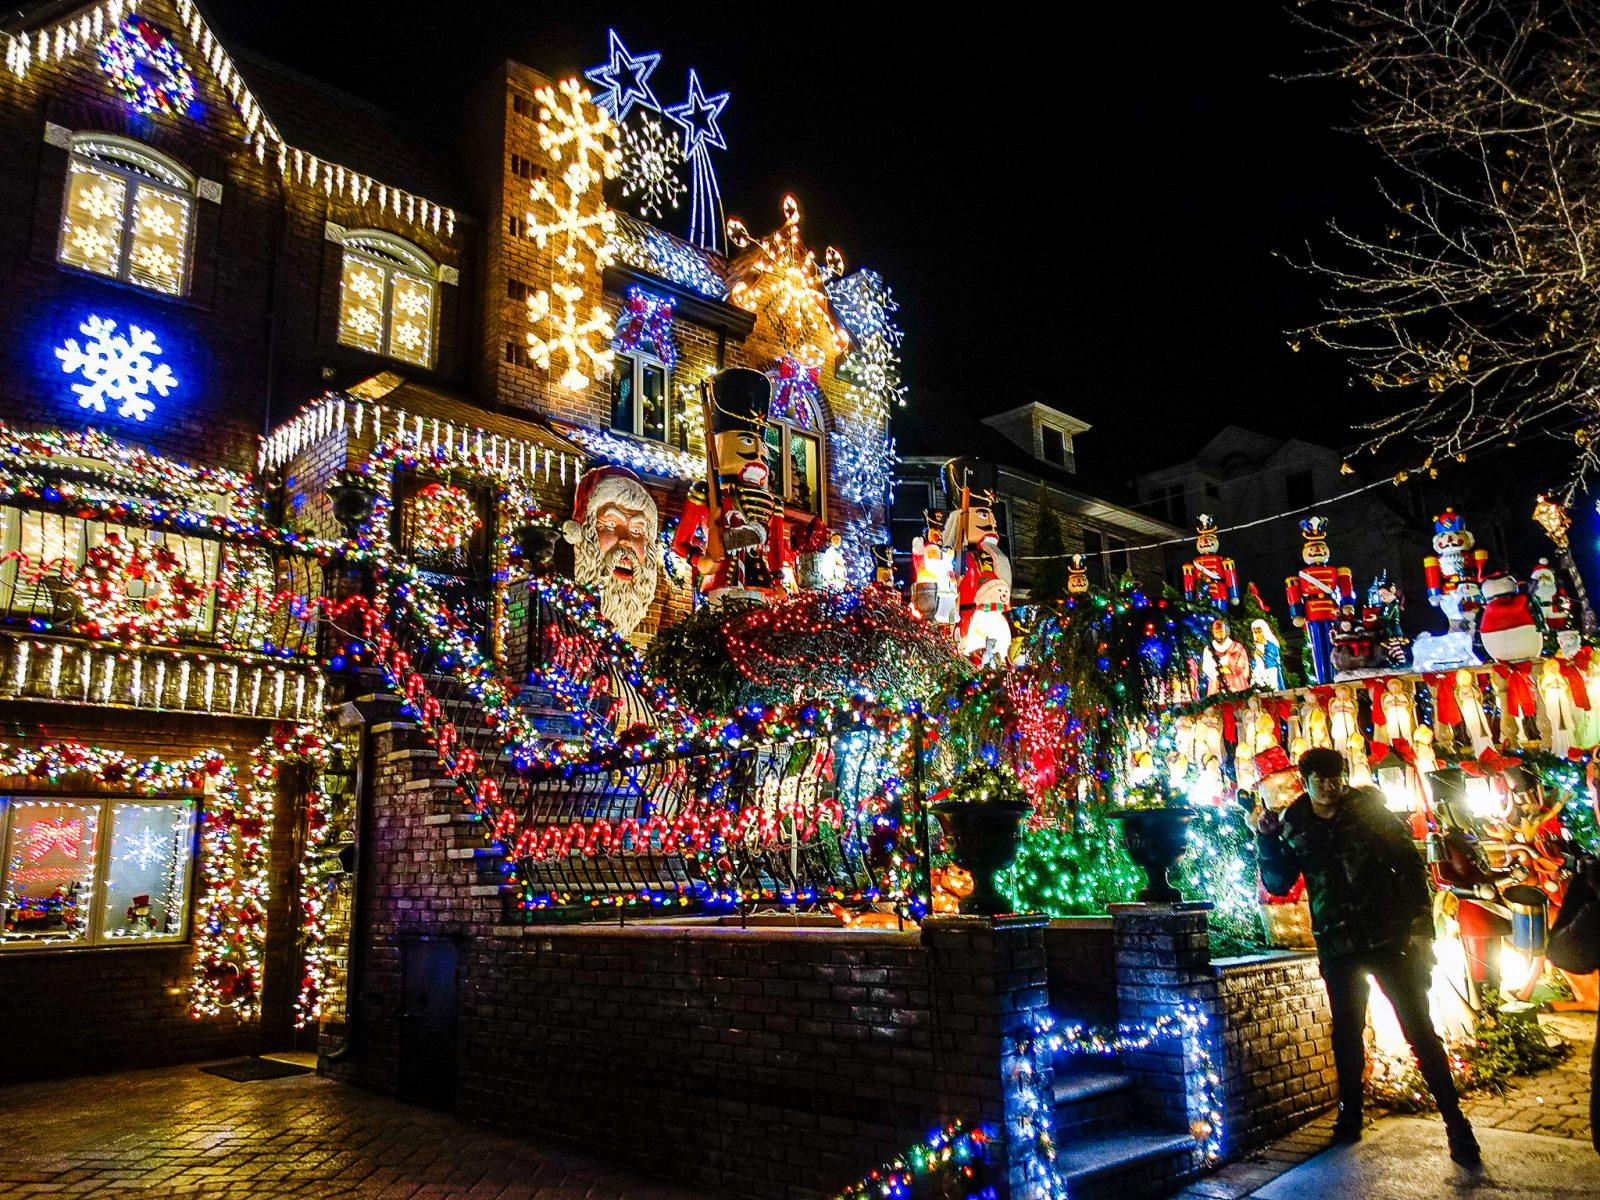 vanvittig julepyntet hus